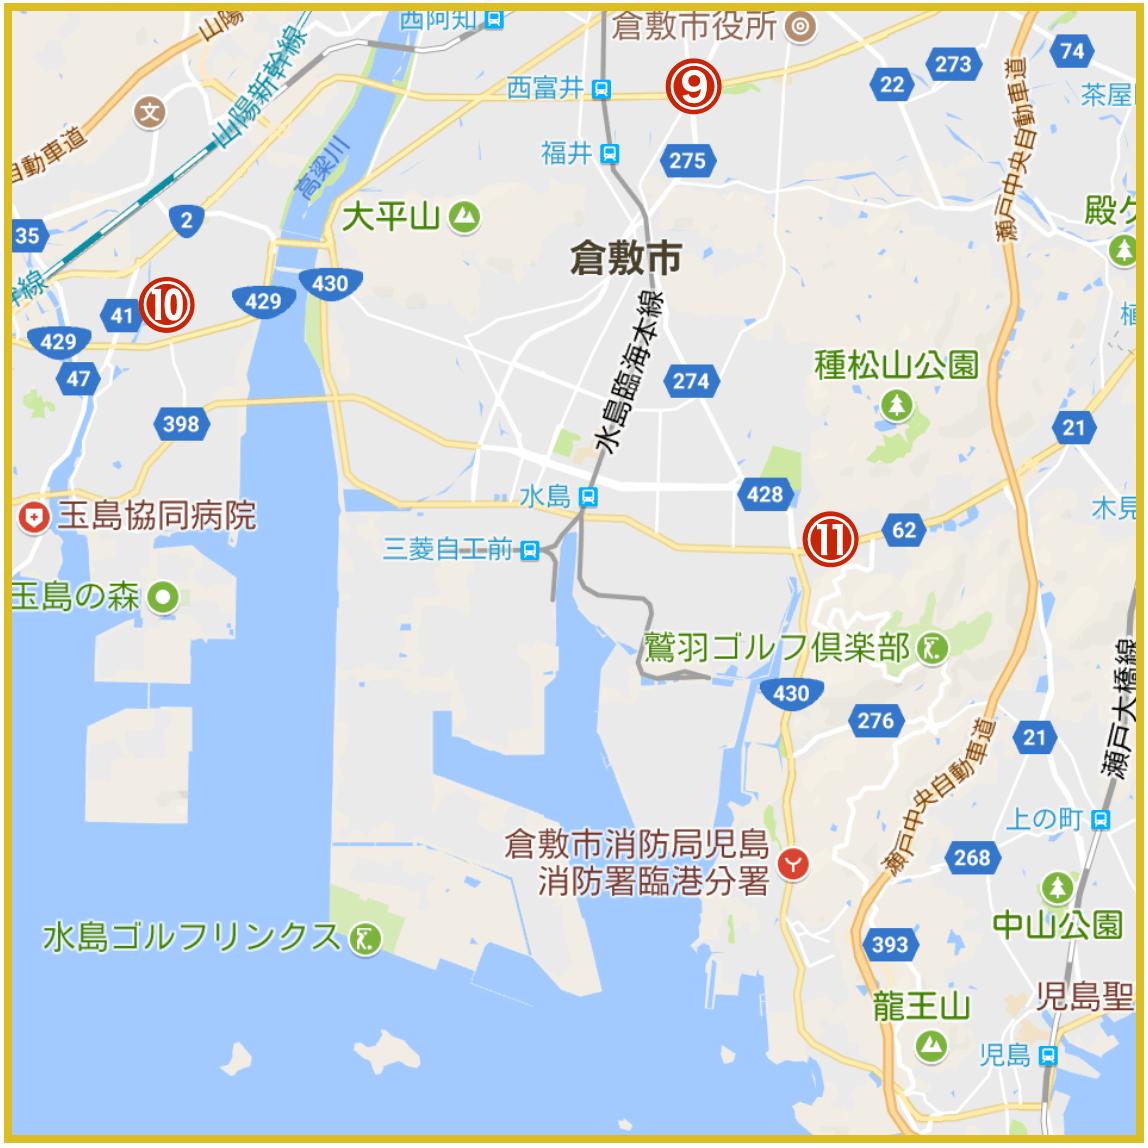 岡山県倉敷市にあるプロミス店舗・ATM(2020年版)